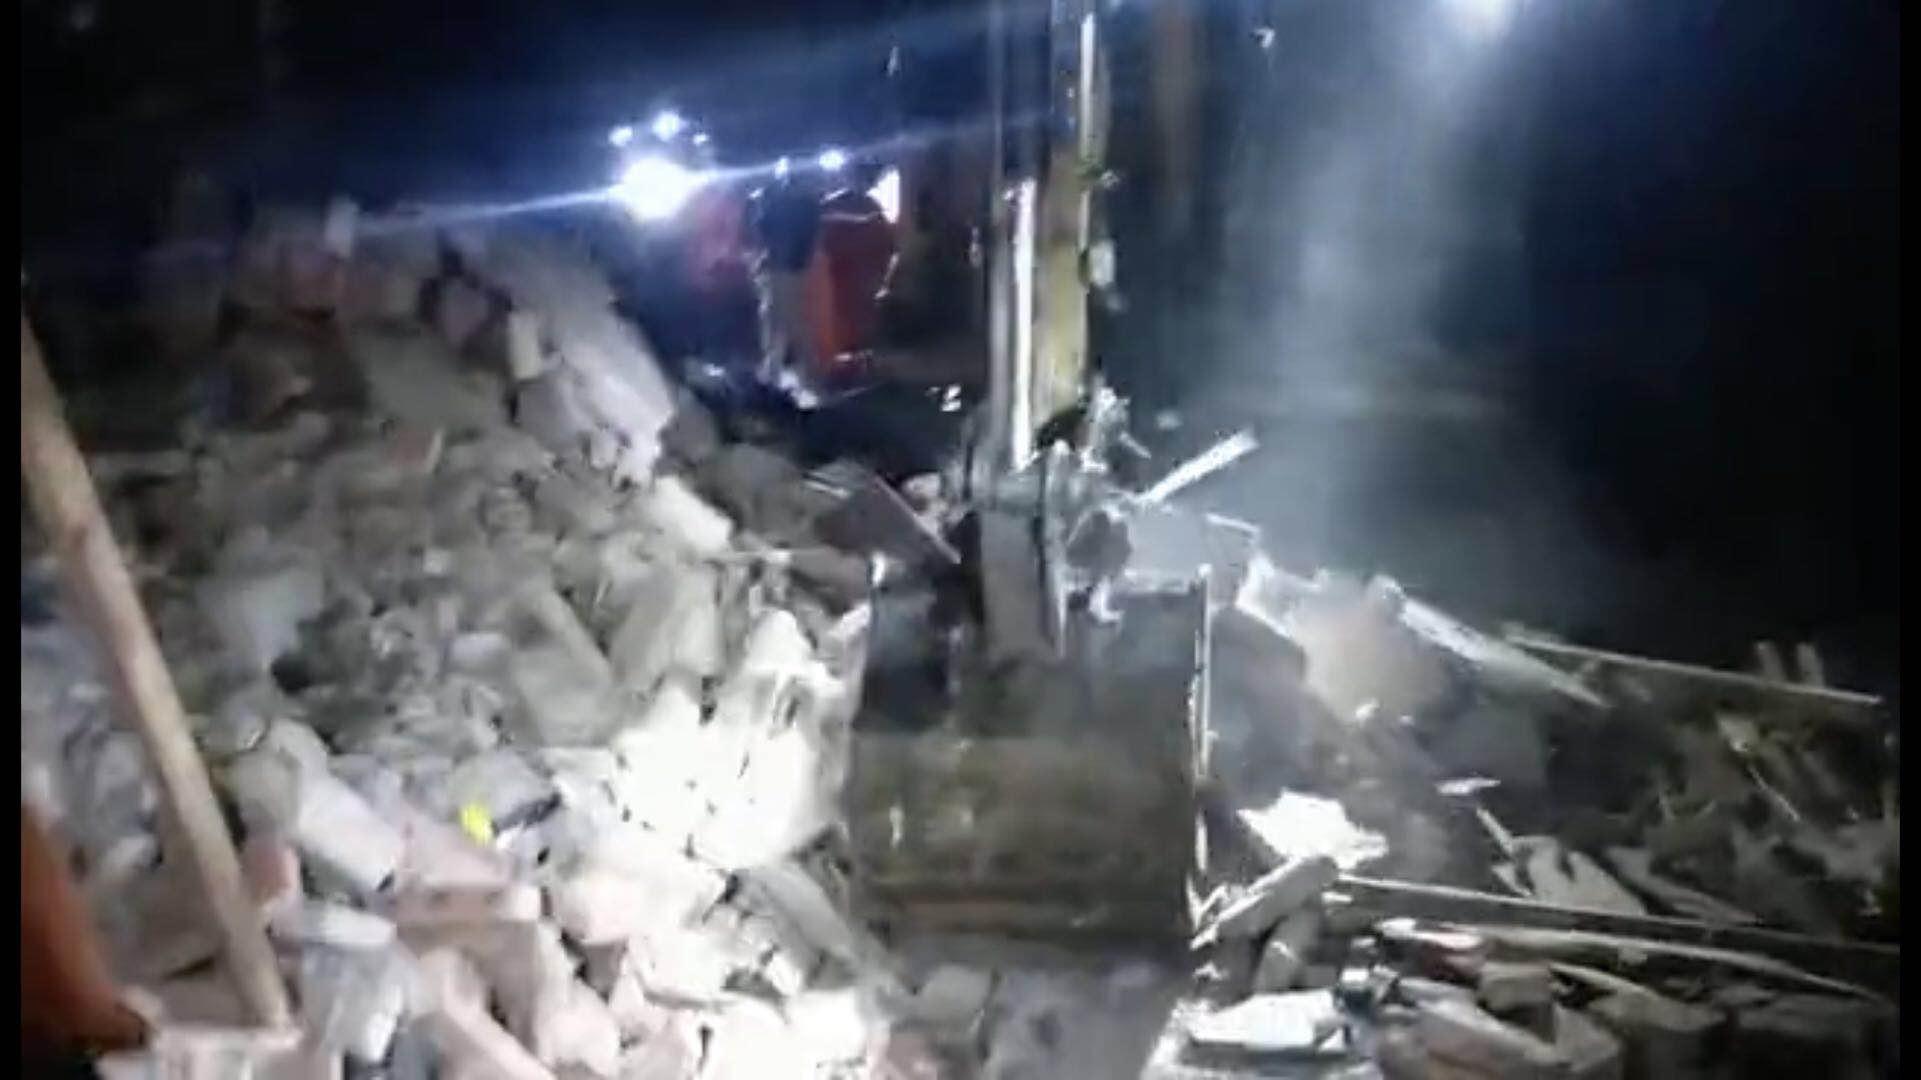 长宁县双河镇葡萄村两人被困消防员调用工程机械搜救